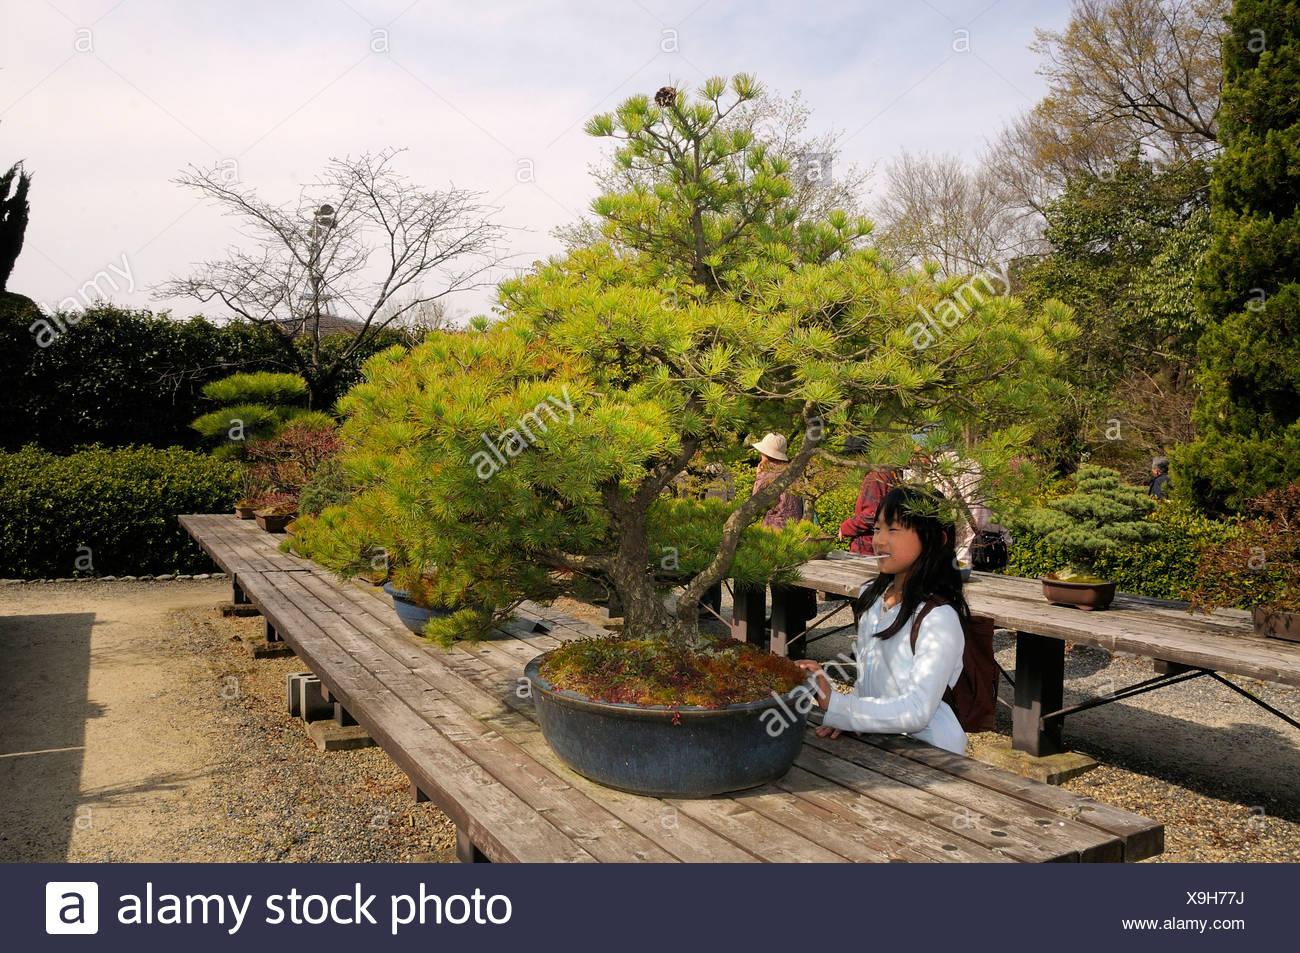 Japanische Mädchen Bestaunen Bonsai Baum Im Botanischen Garten In